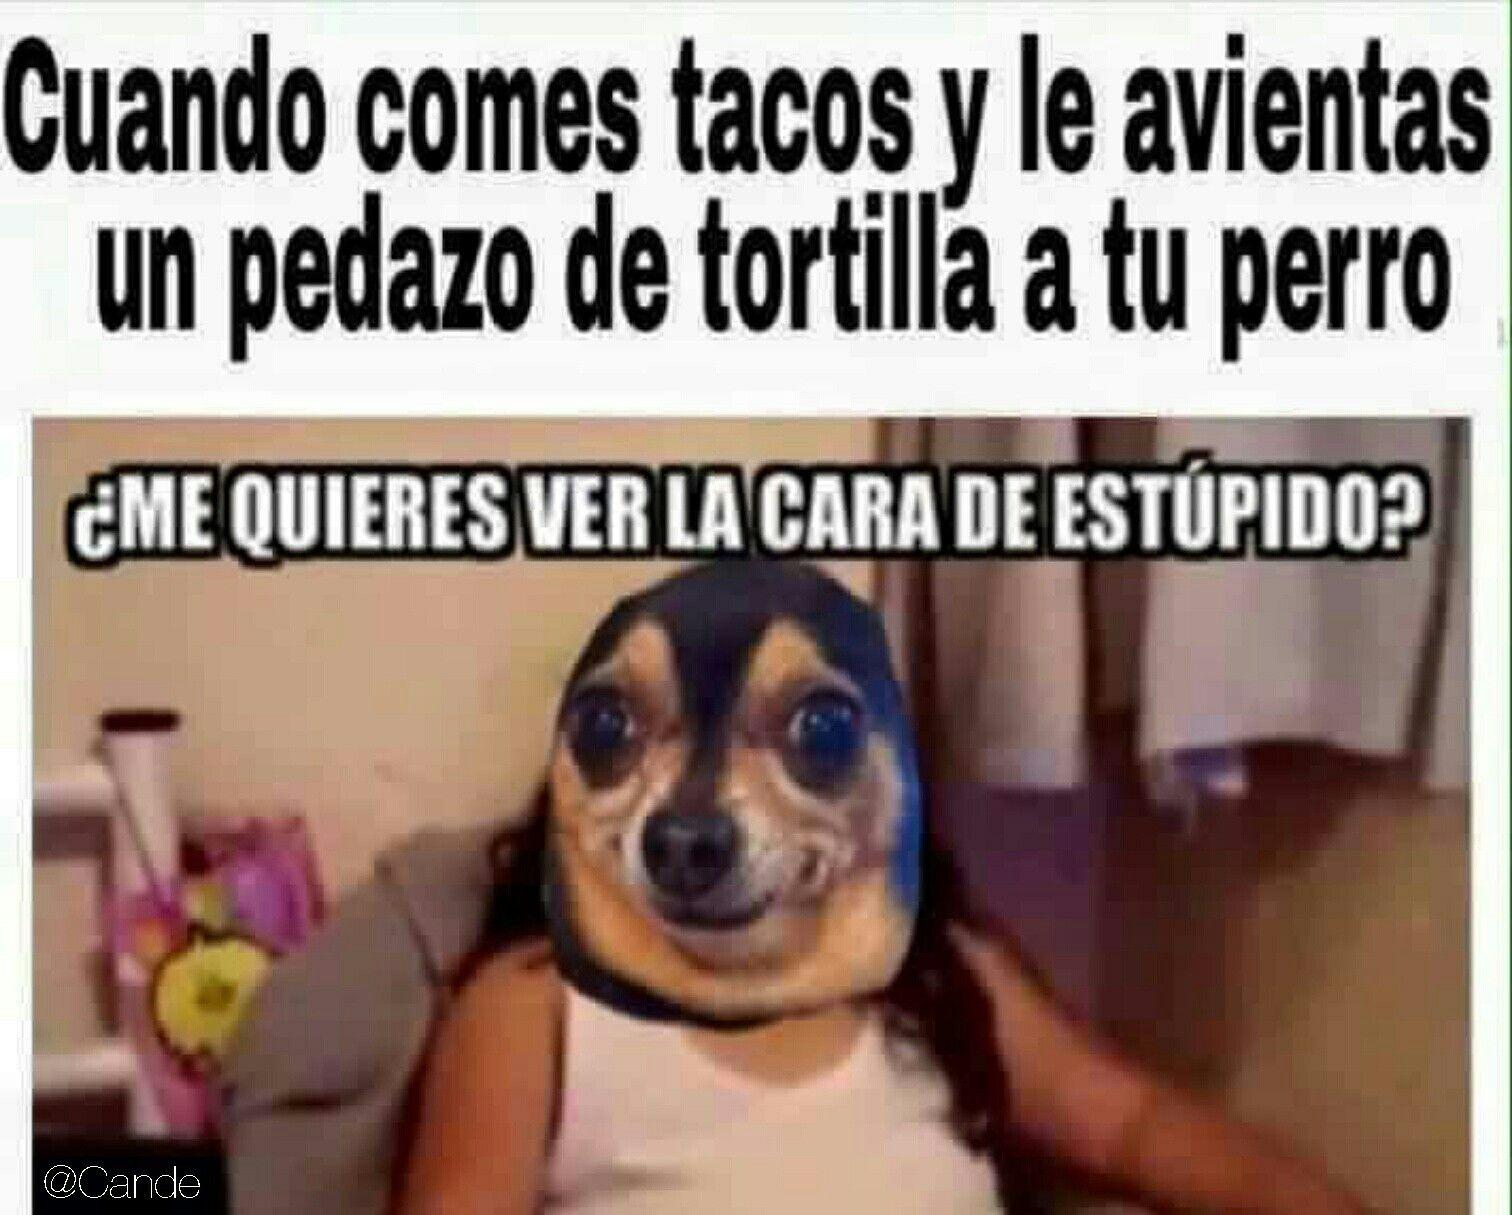 Jajajaa Memes Memes Divertidos Memes Graciosos